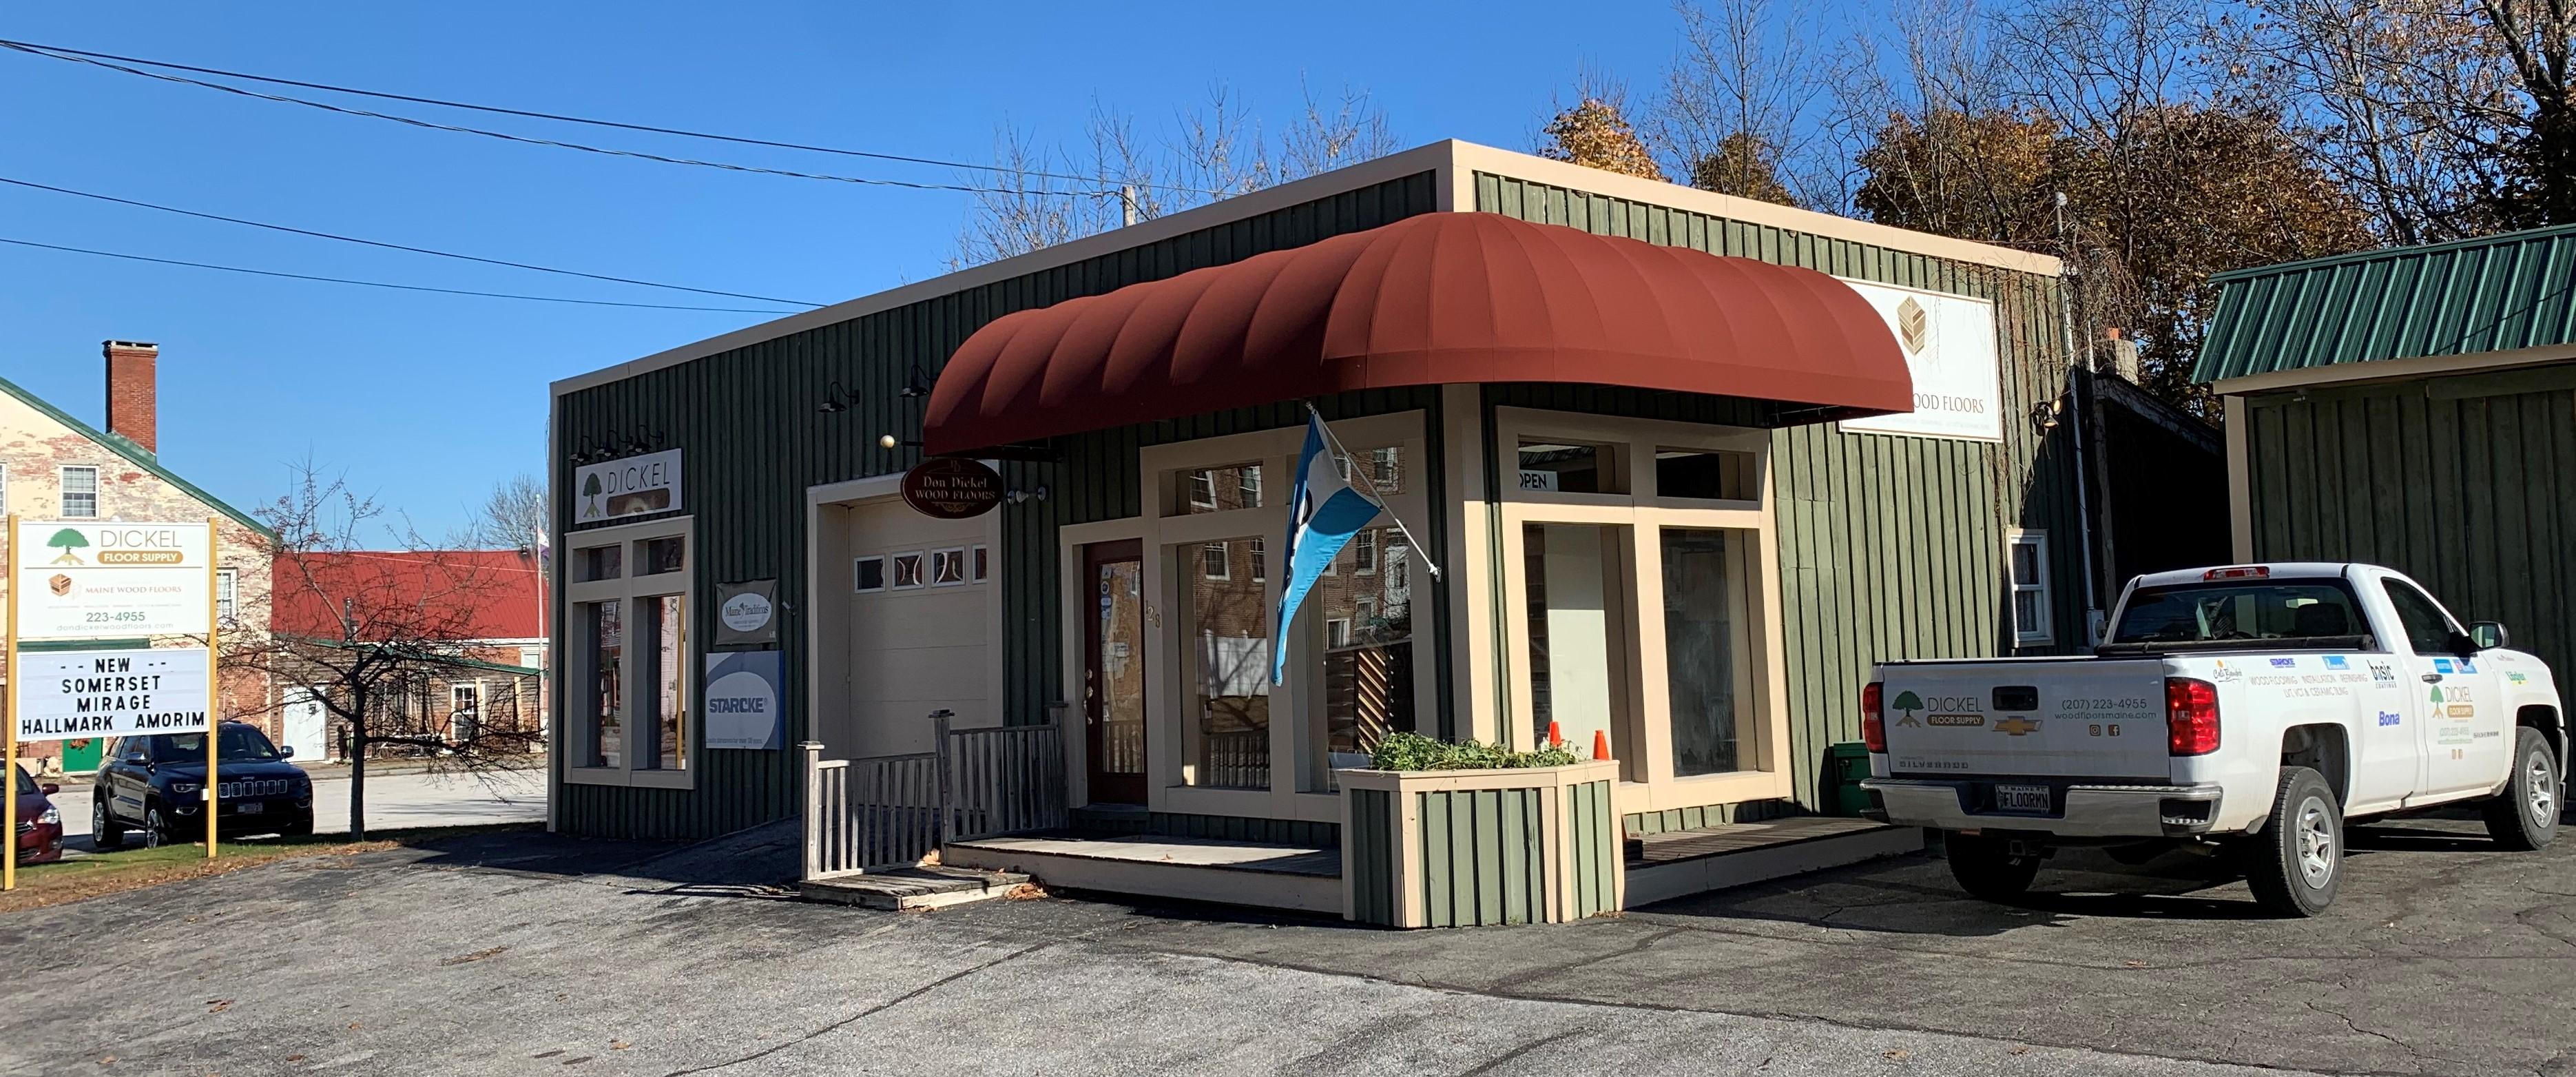 Dickel Floor Supply - 128 Main St, Winterport, ME 04496